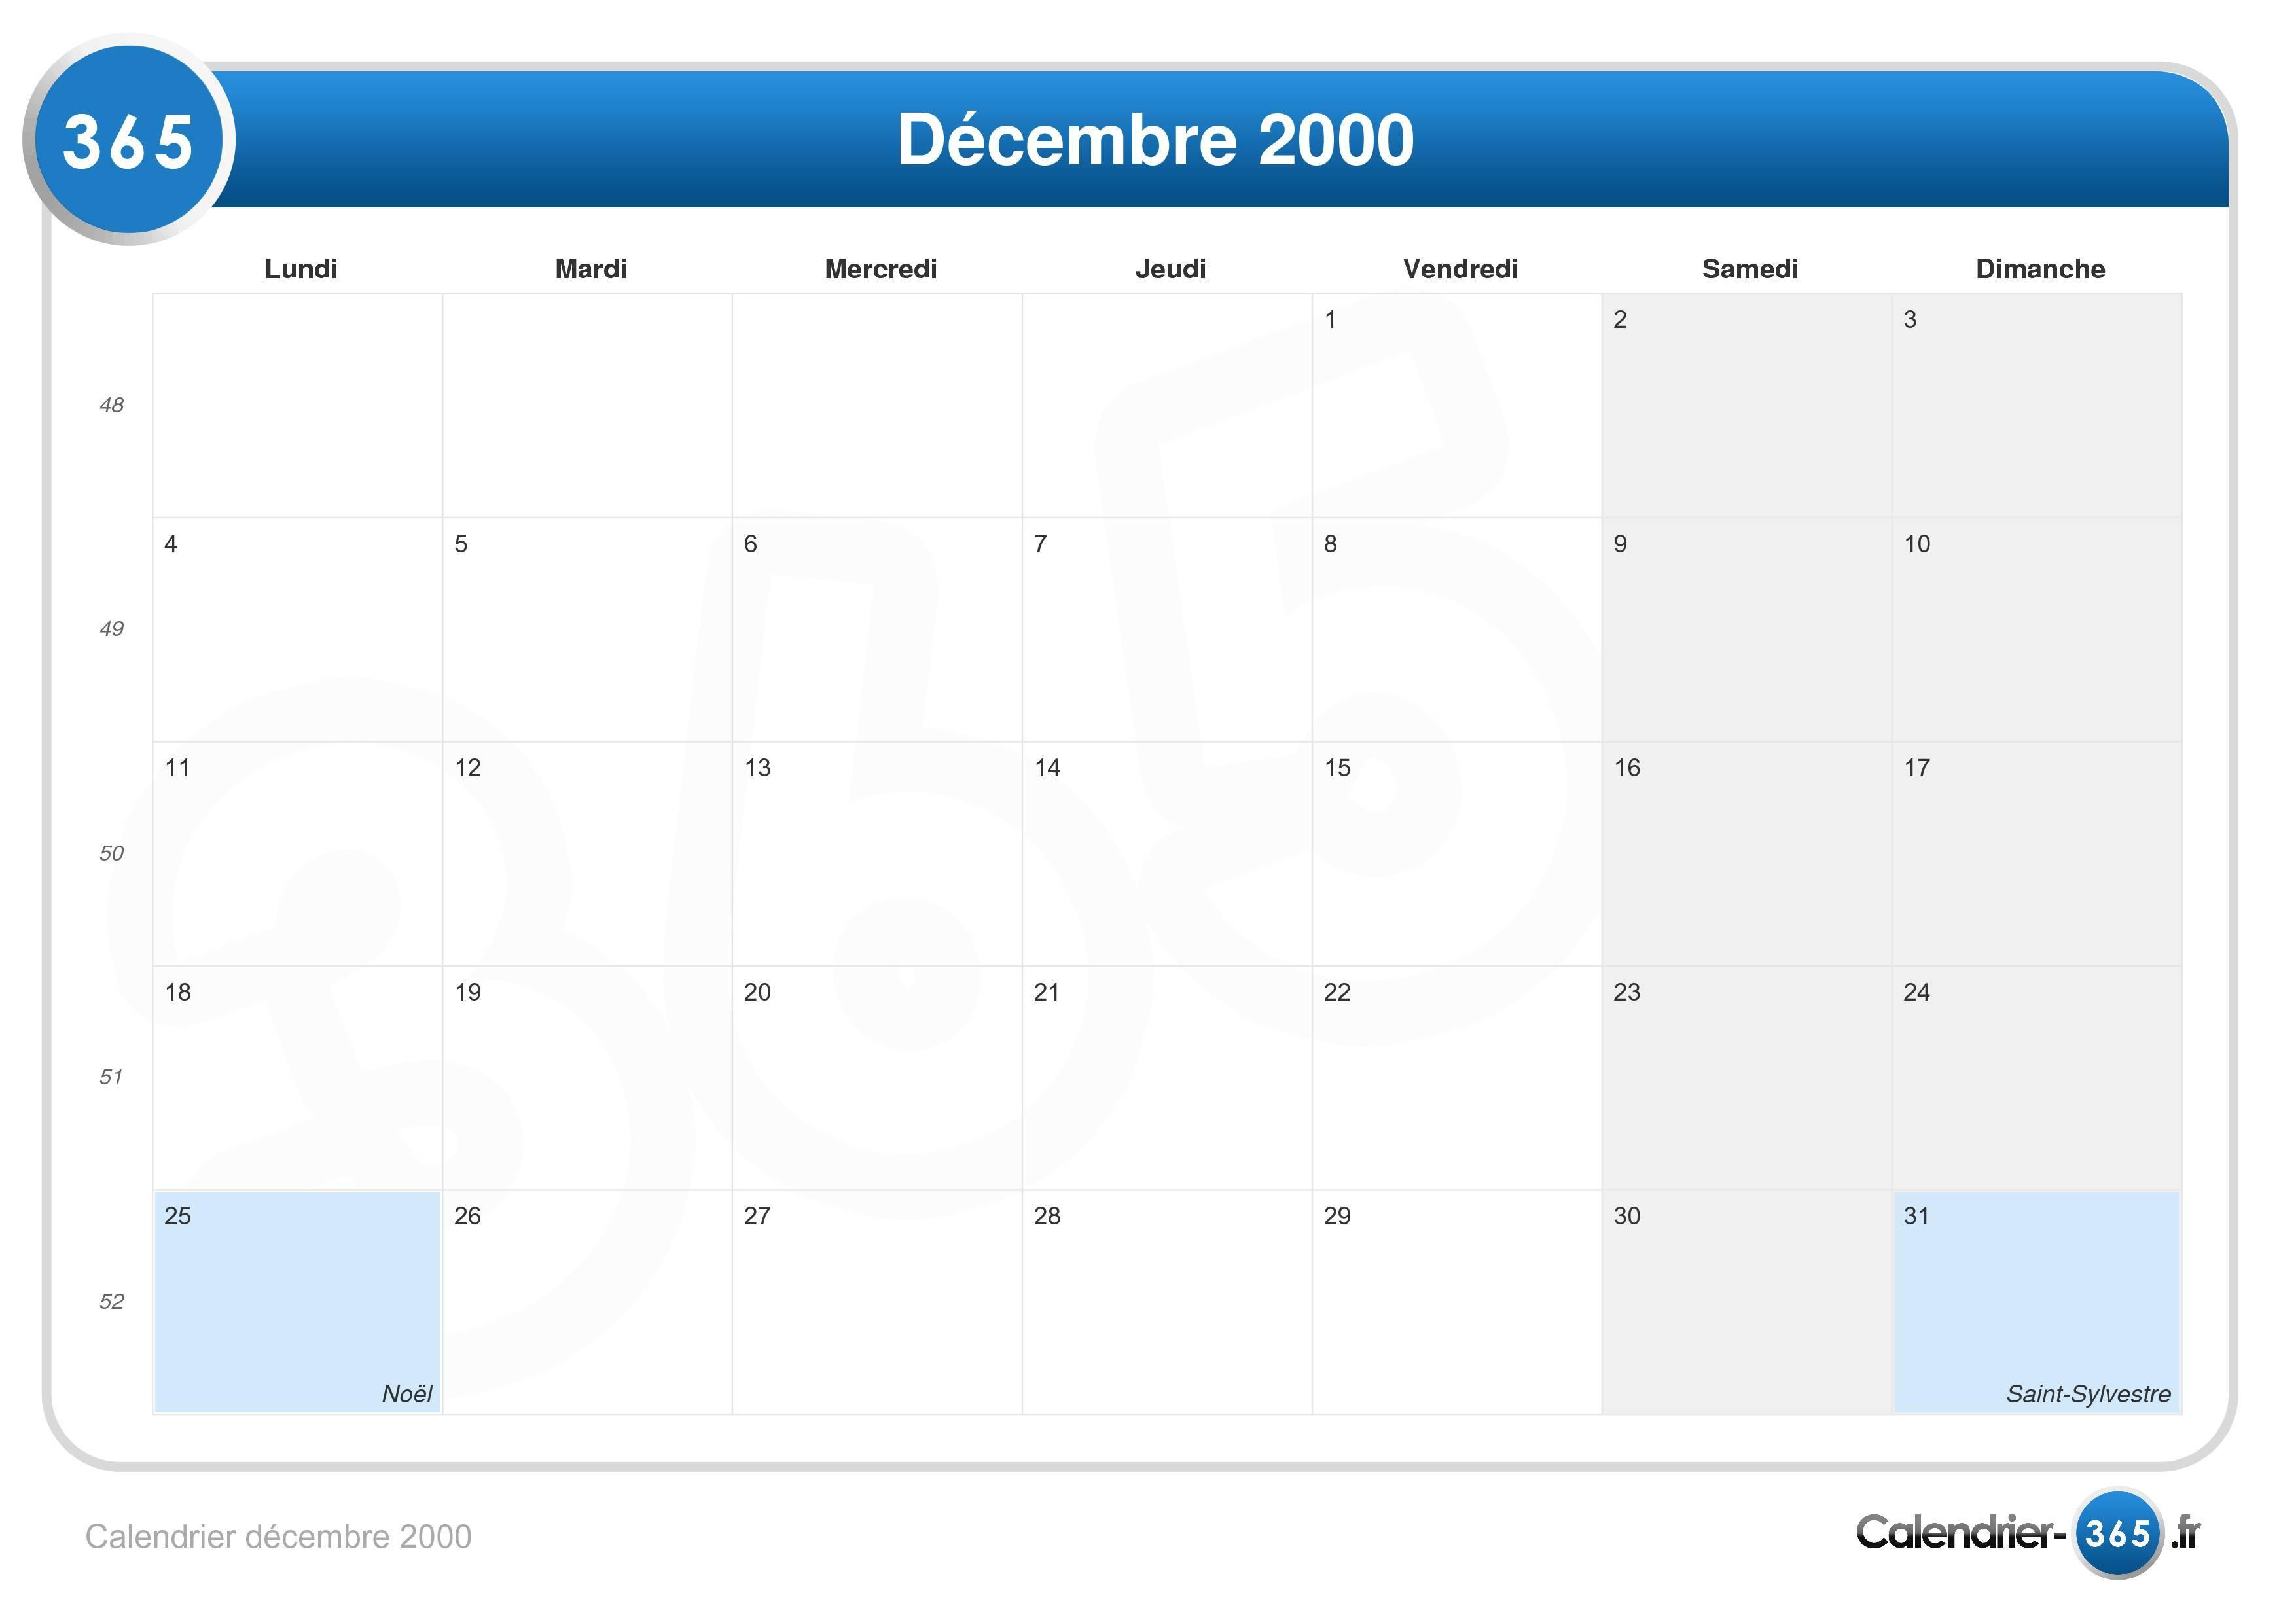 Calendrier Ramadan 2020 Caen.Calendrier Decembre 2000